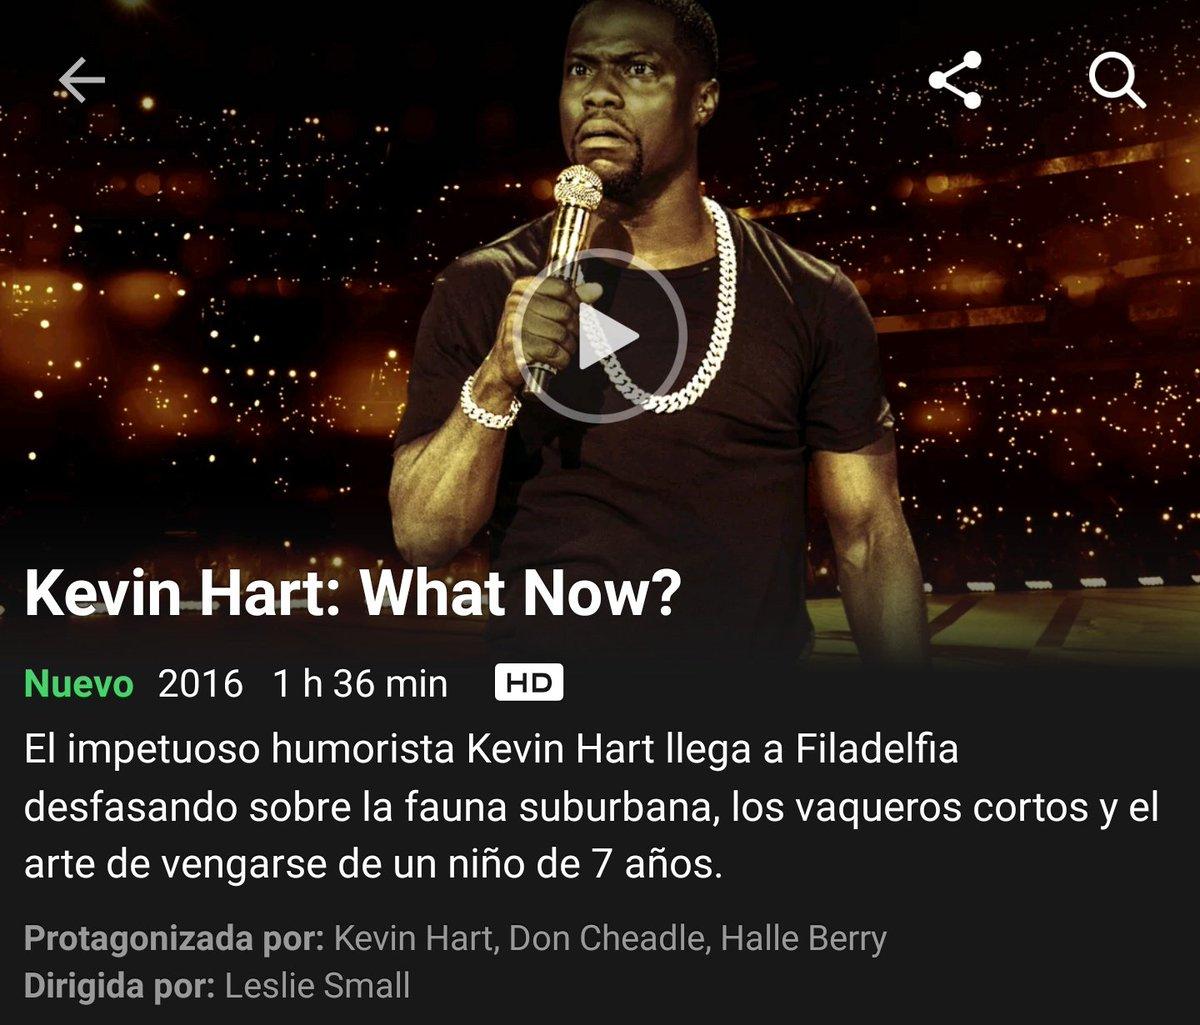 """In Arte Nino 2016 gallo de netflix on twitter: """"11/4/17 kevin hart: what now"""